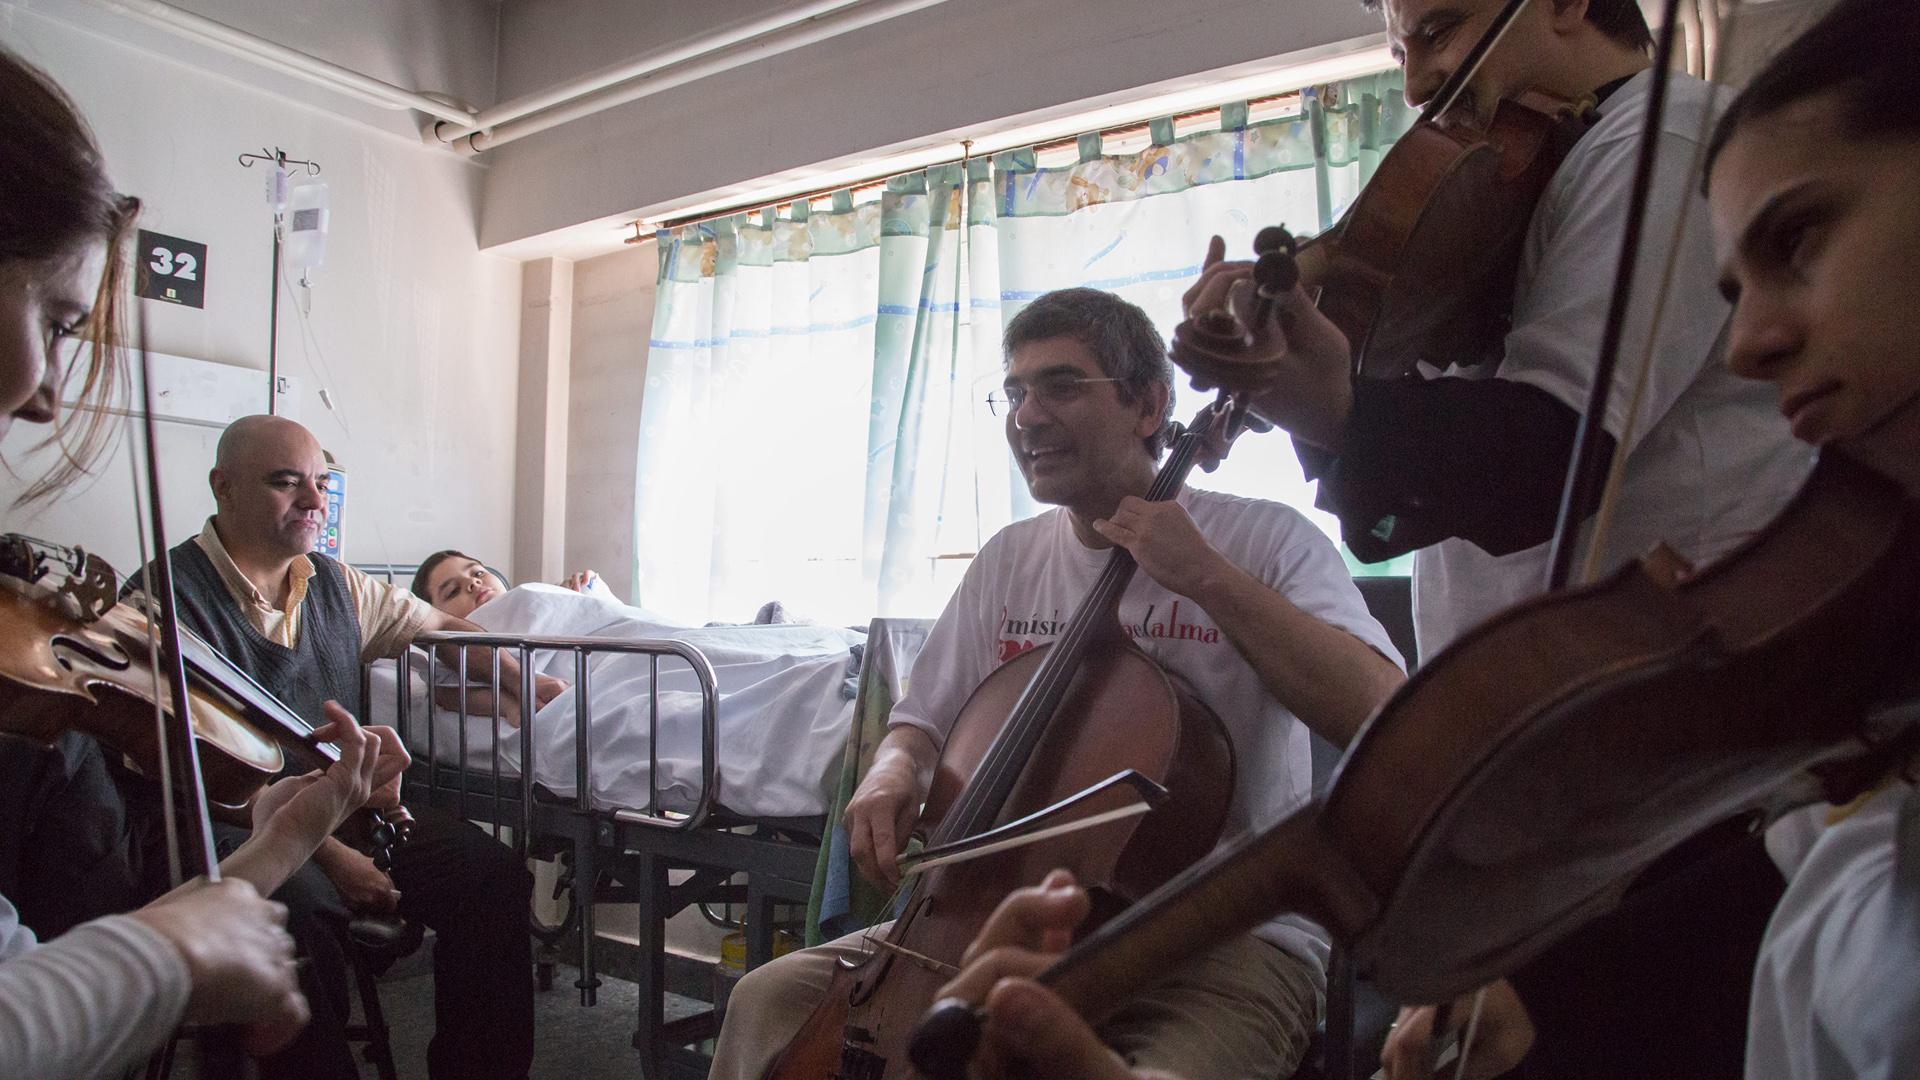 Desde hospitales pediátricos a hogares de ancianos, MPA lleva música a distintos centros (Agustín Benencia)